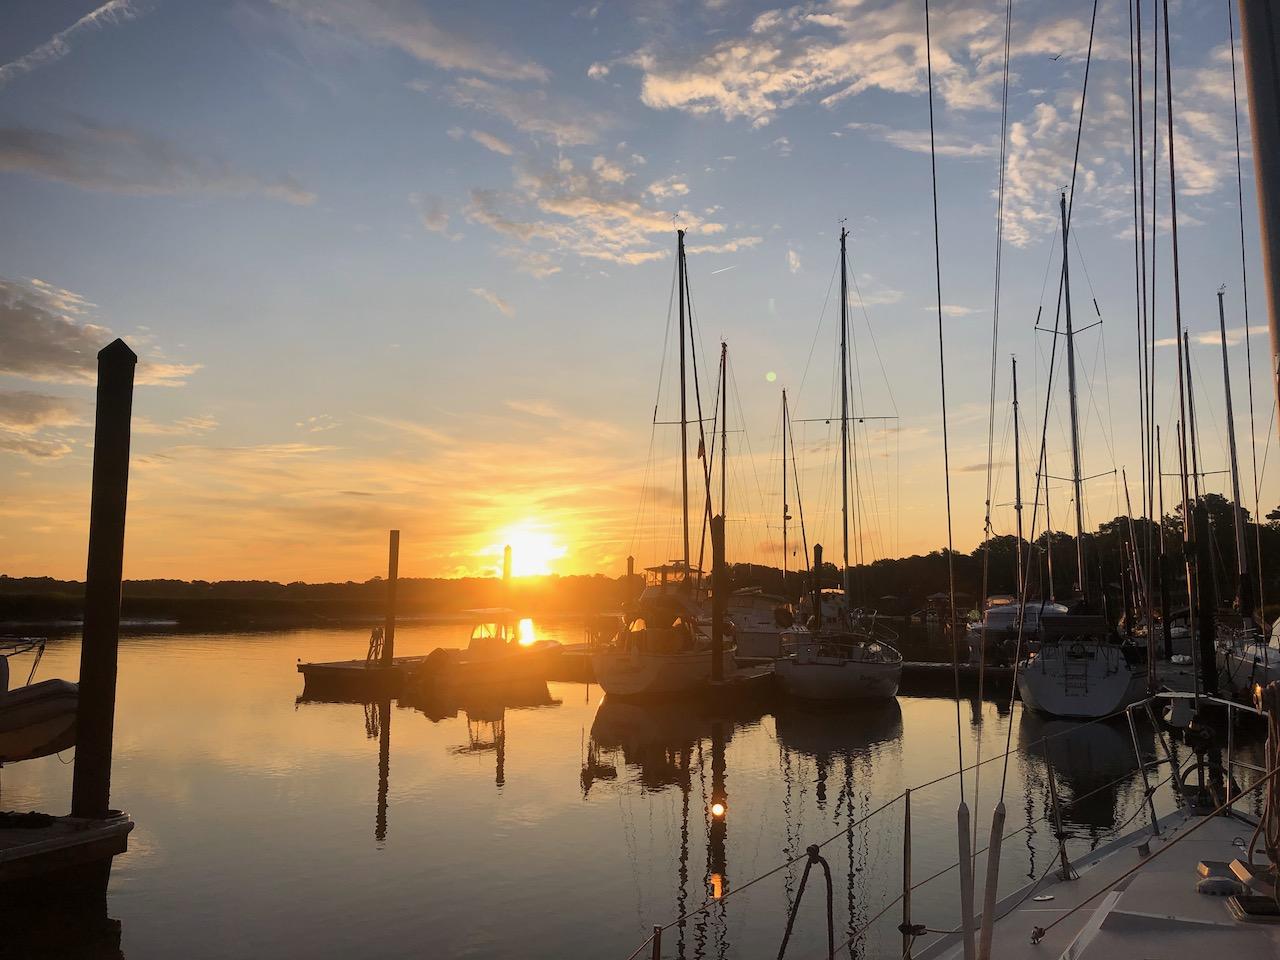 Der letze Sonnenuntergang in der Lady's Island Marina